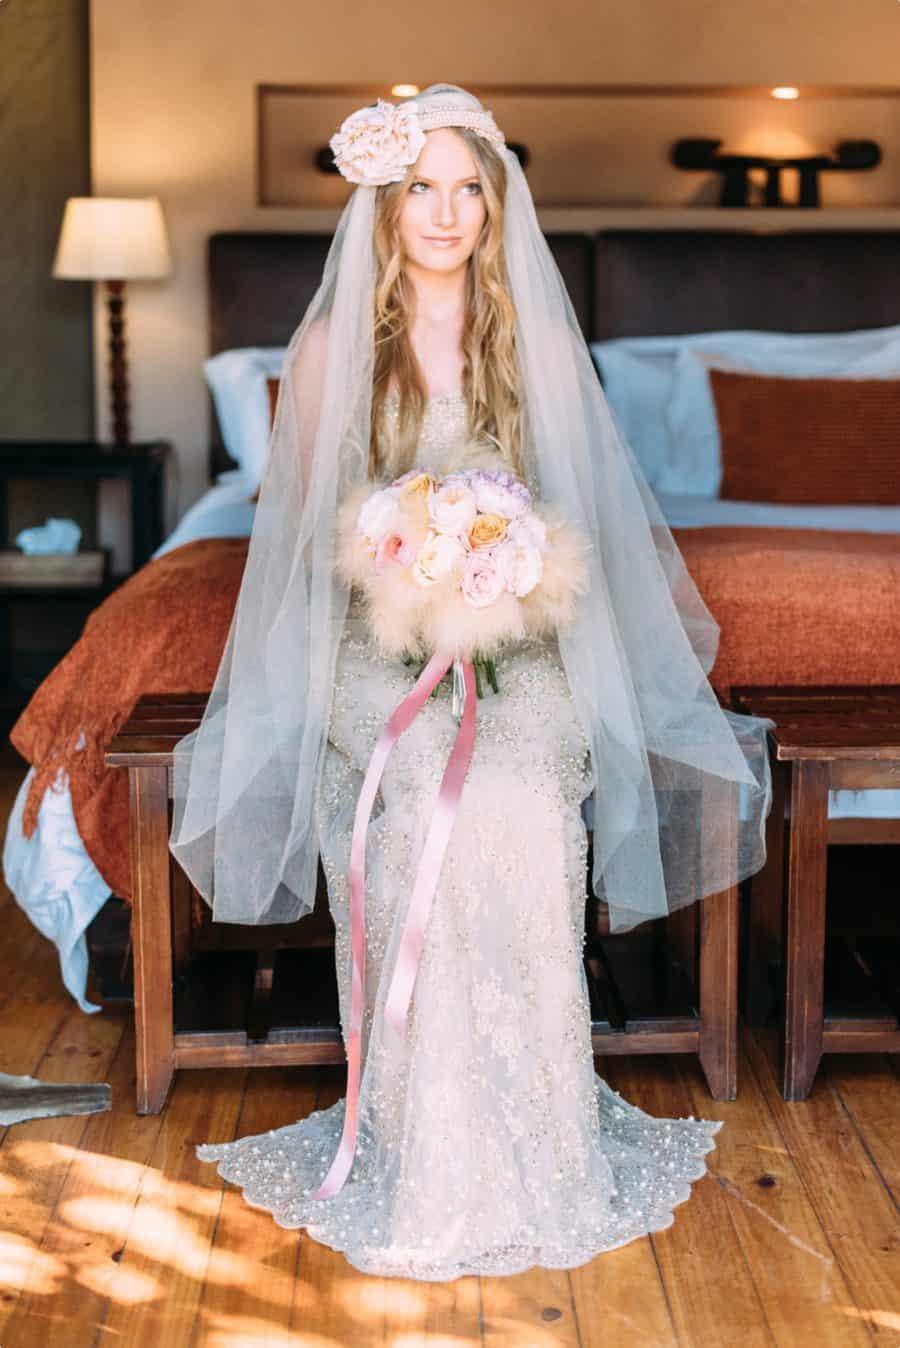 Braut sitz in Traumkleid im Hotelzimmer mit grossem Schleier